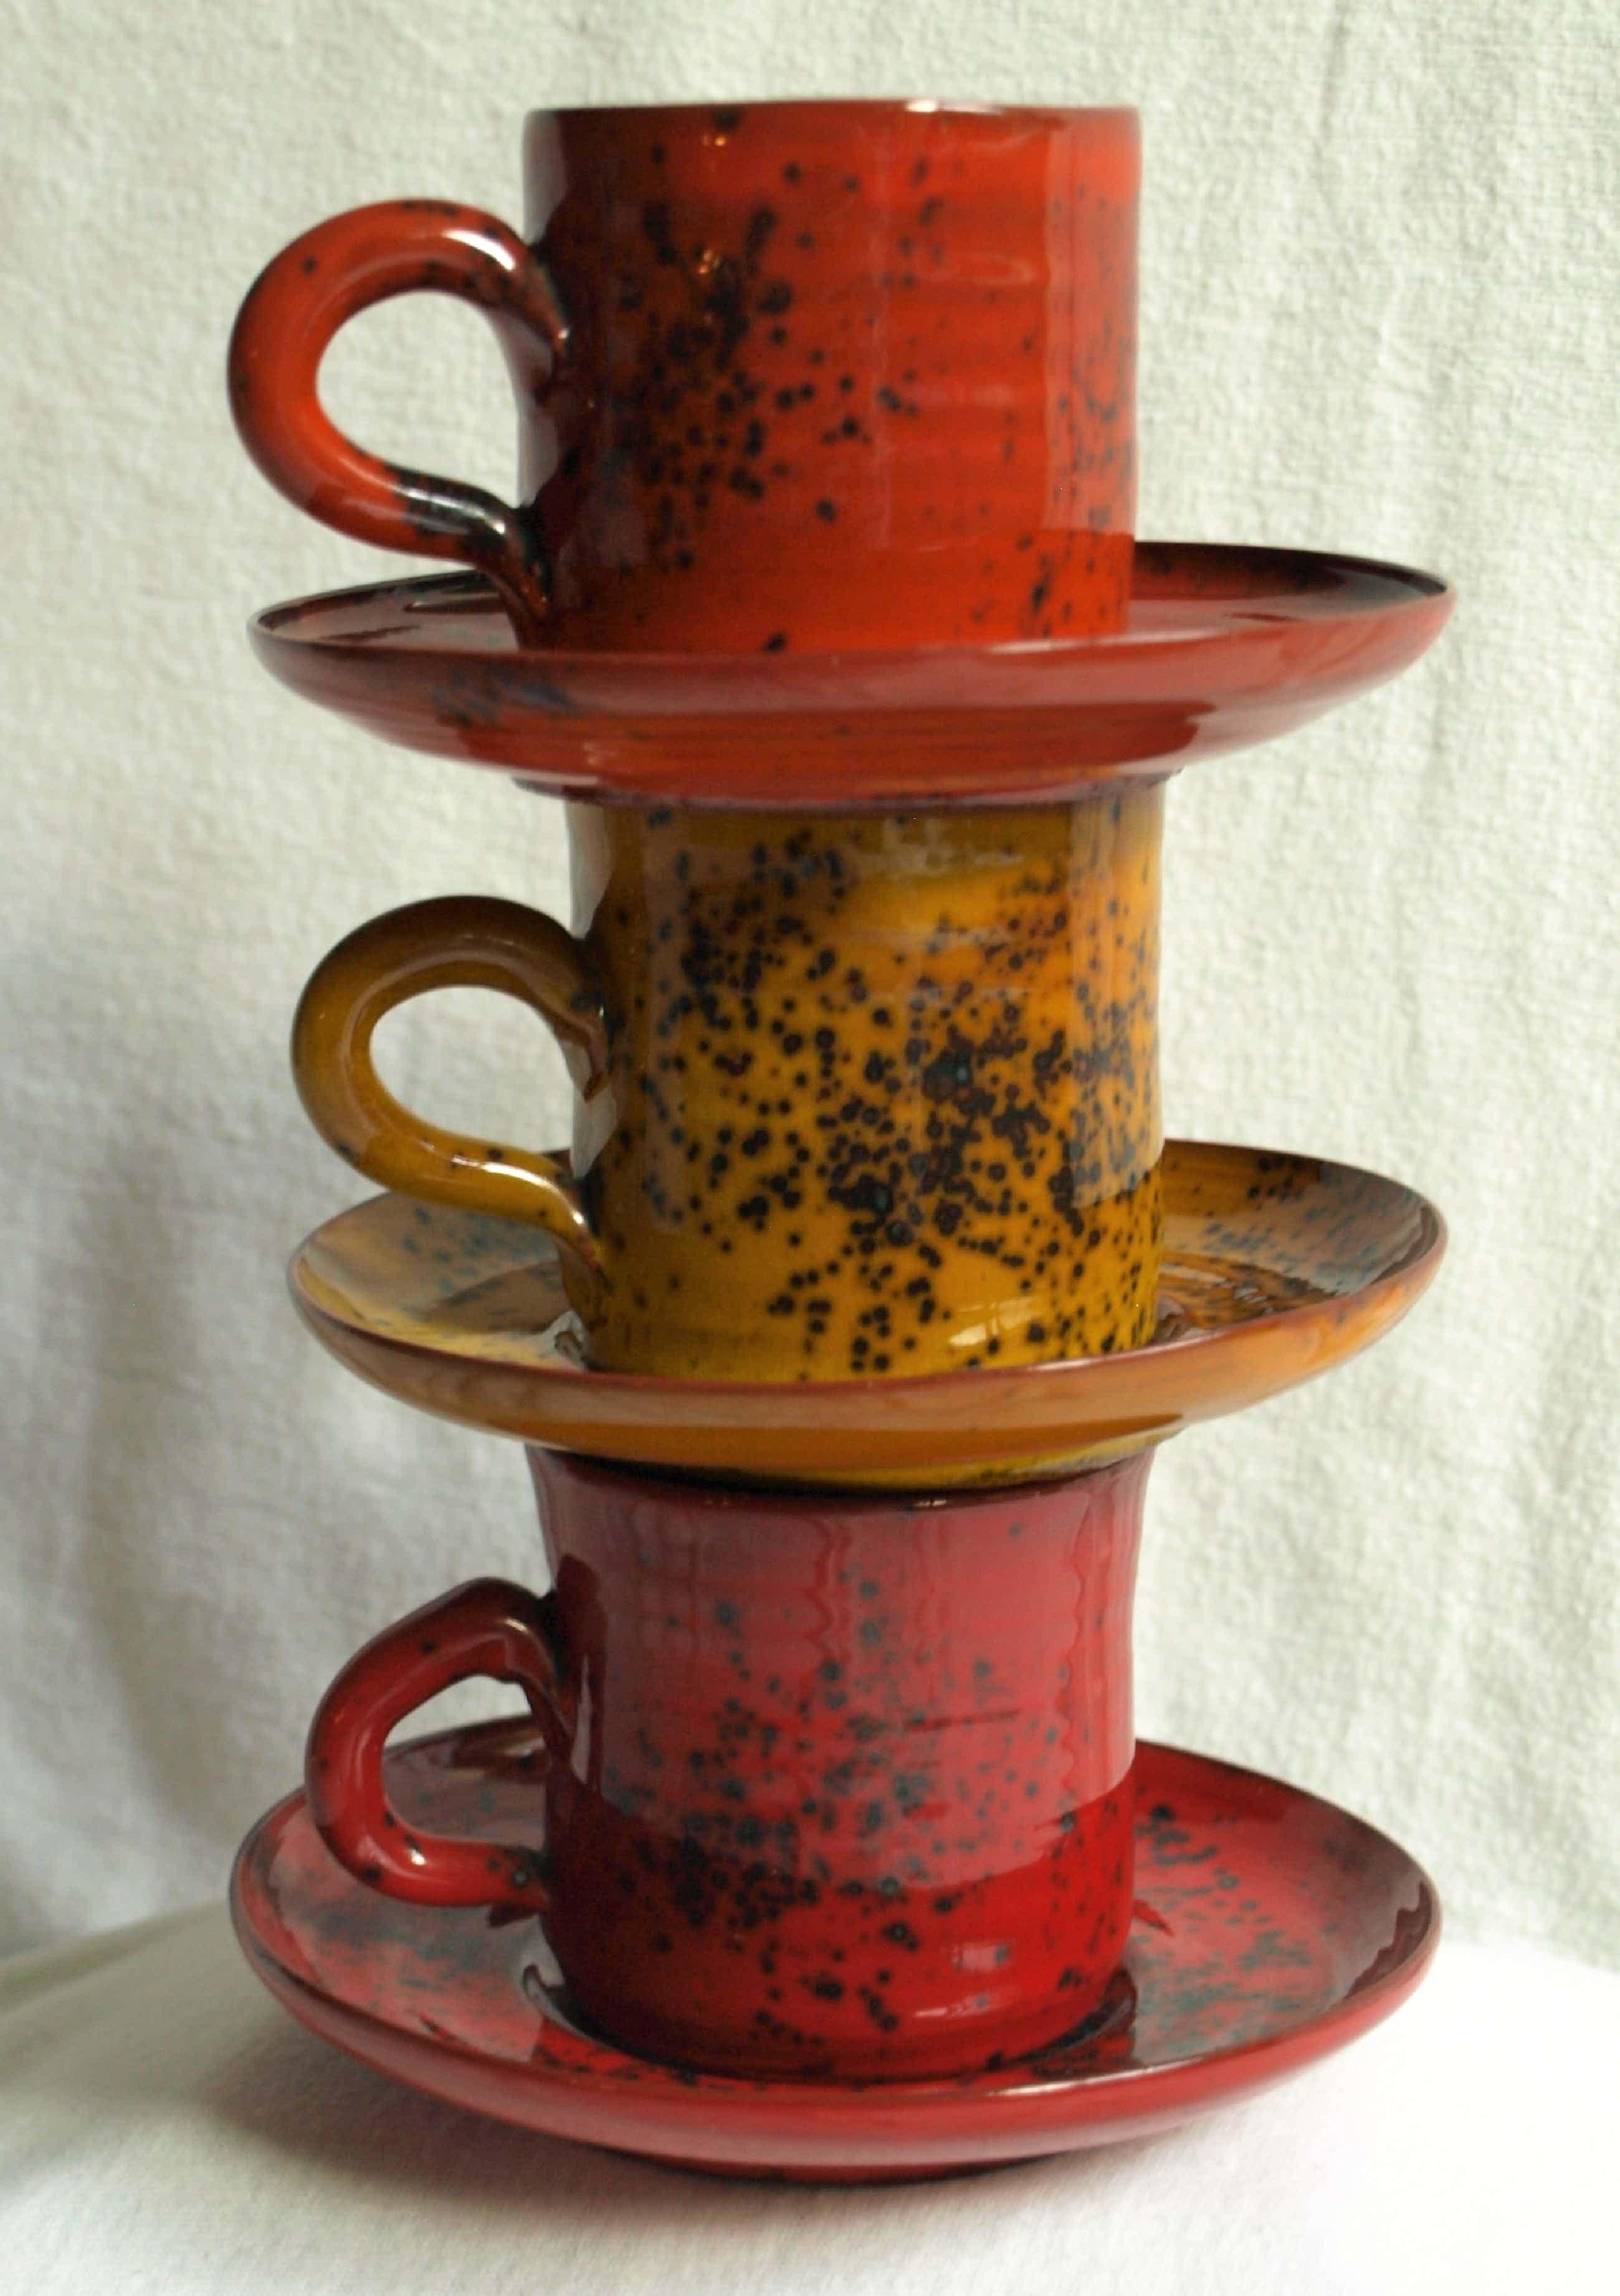 Freek Berends - 3x Espresso / Koffie kop en schotels - gesigneerd kopen? Bied vanaf 40!